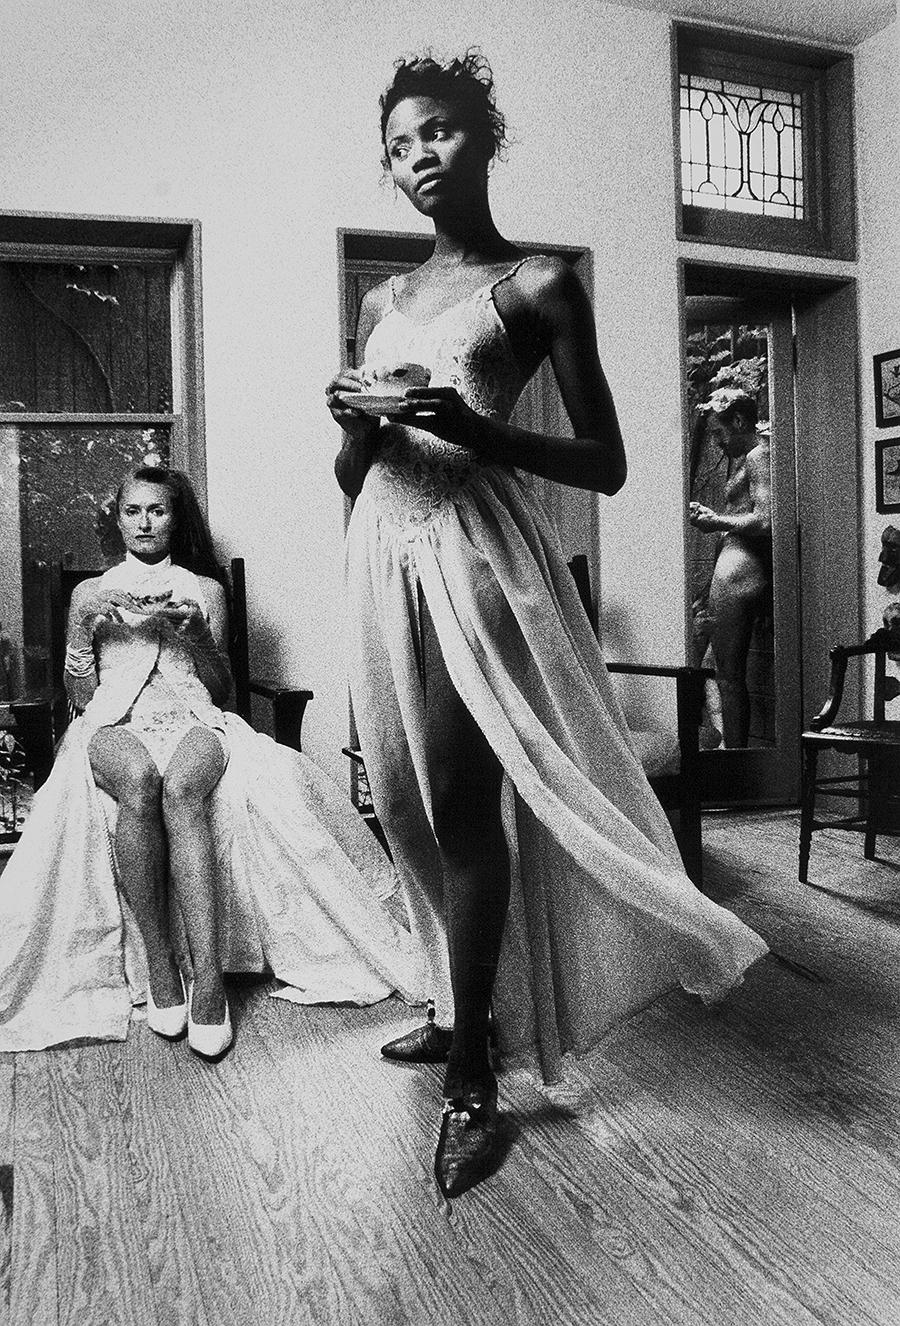 Tony_Ward_early_tableaux_vivant_1995_Model_Monica_Walker_Lydia_hun_male_nude_afternoon_tea